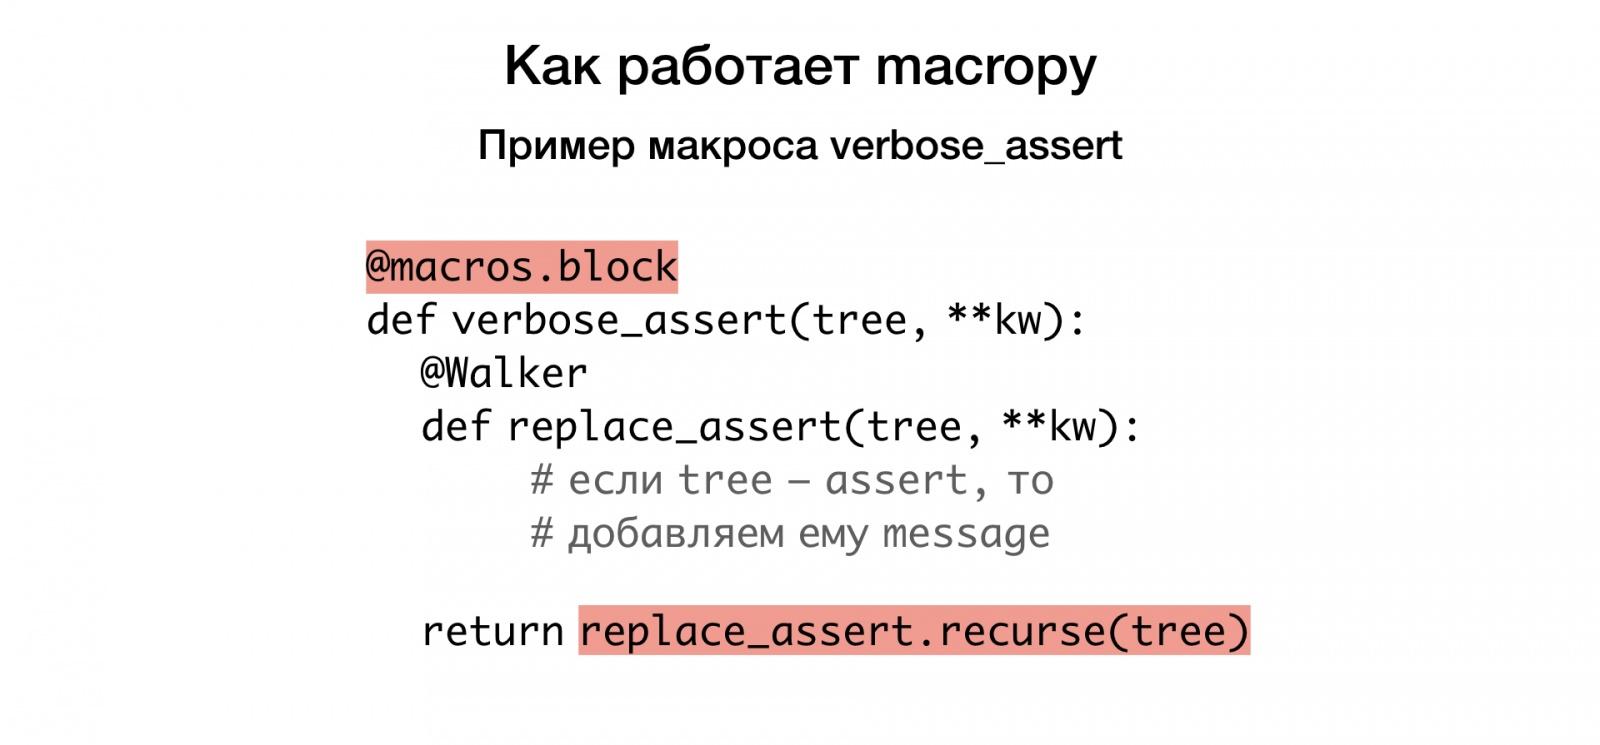 Макросы для питониста. Доклад Яндекса - 29